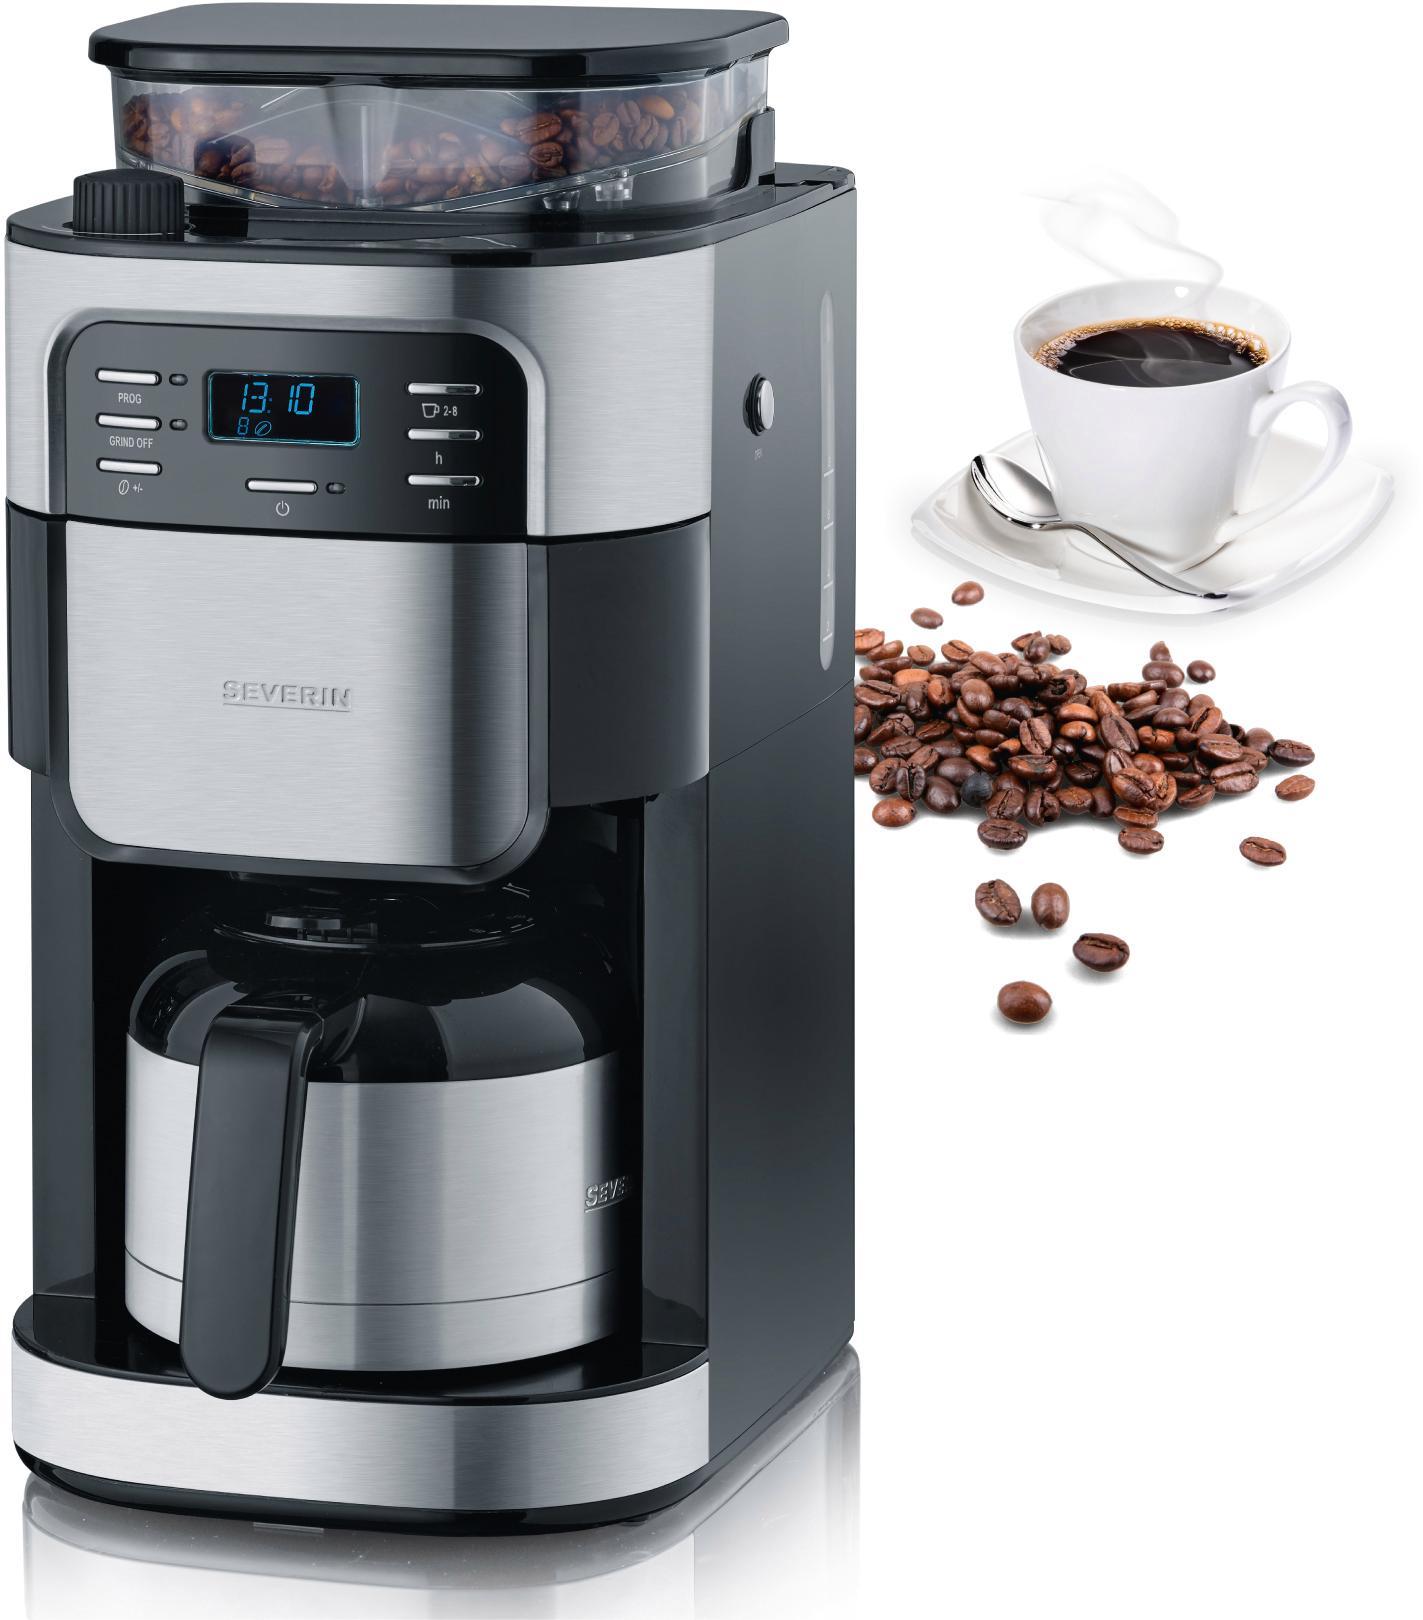 severin kaffeemaschine mit mahlwerk ka 4812 permanentfilter 1x4 auf rechnung bestellen